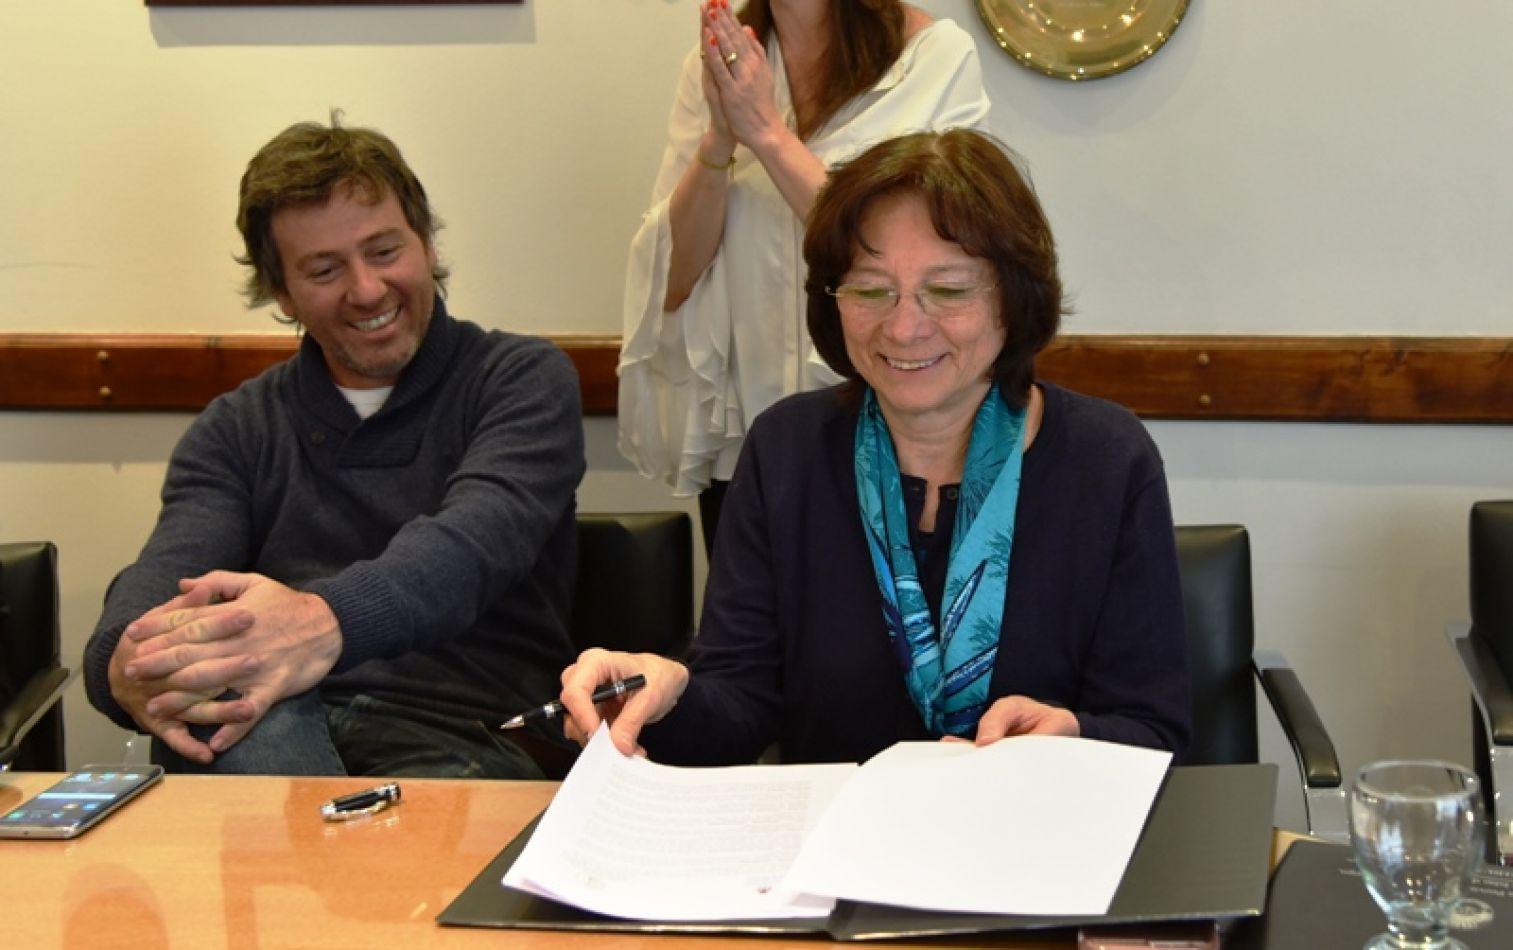 El Ministro de Justicia y Derechos Humanos de la Nación, Germán Garavano y la presidente de  y (Ju.Fe.Jus) María del Carmen Battaini.